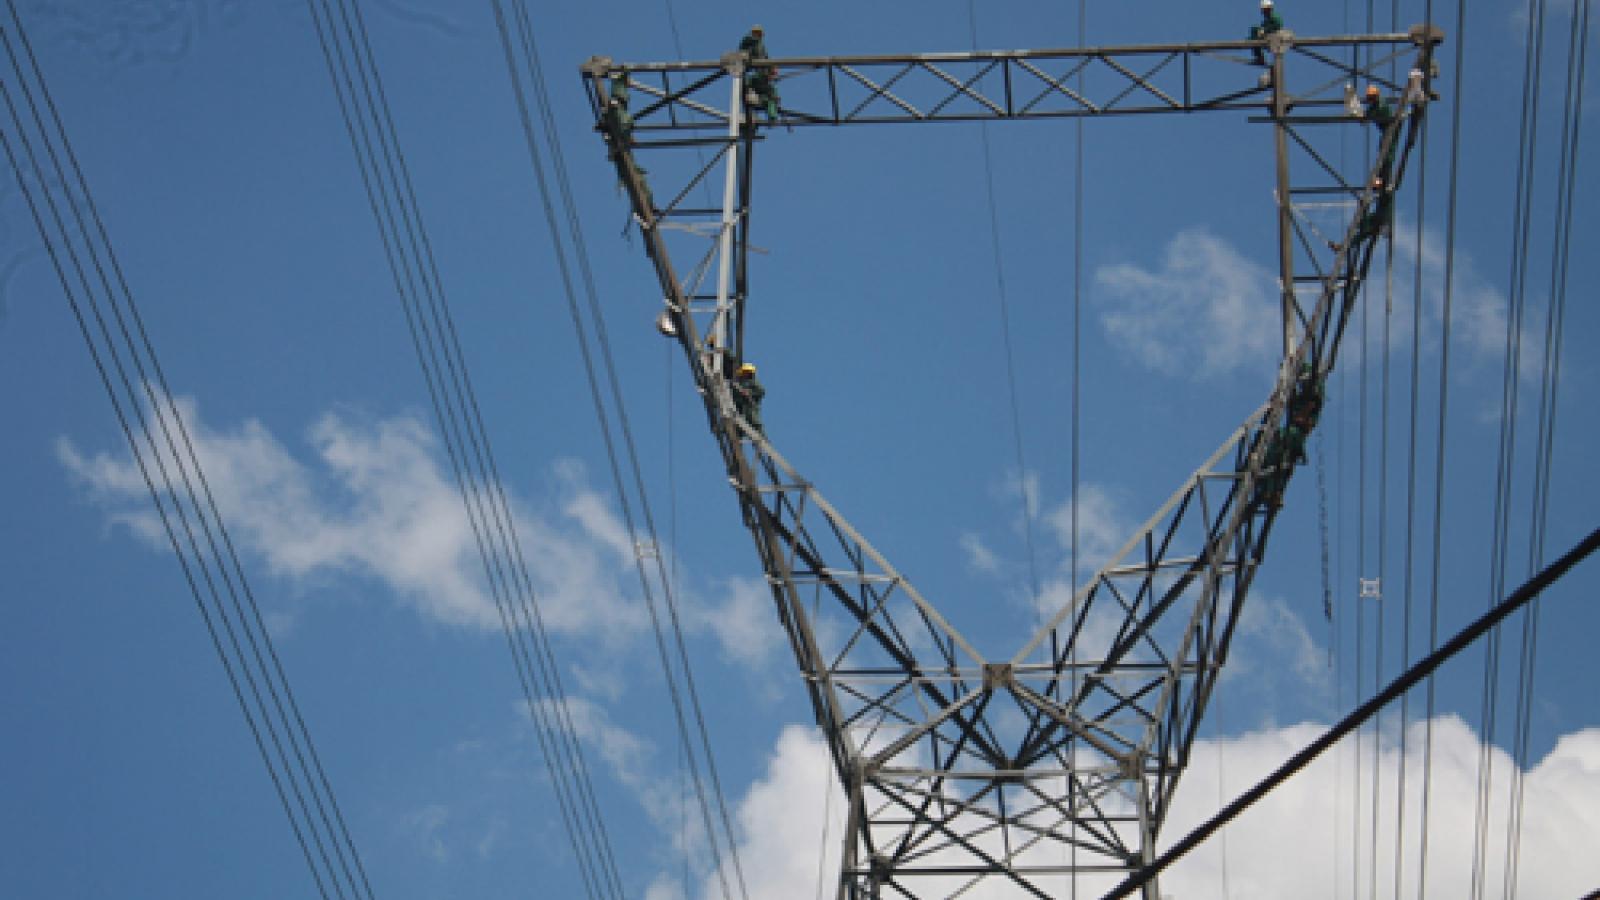 Phát triển năng lượng quốc gia: Chú trọng tính quy trì, ổn định liên tục